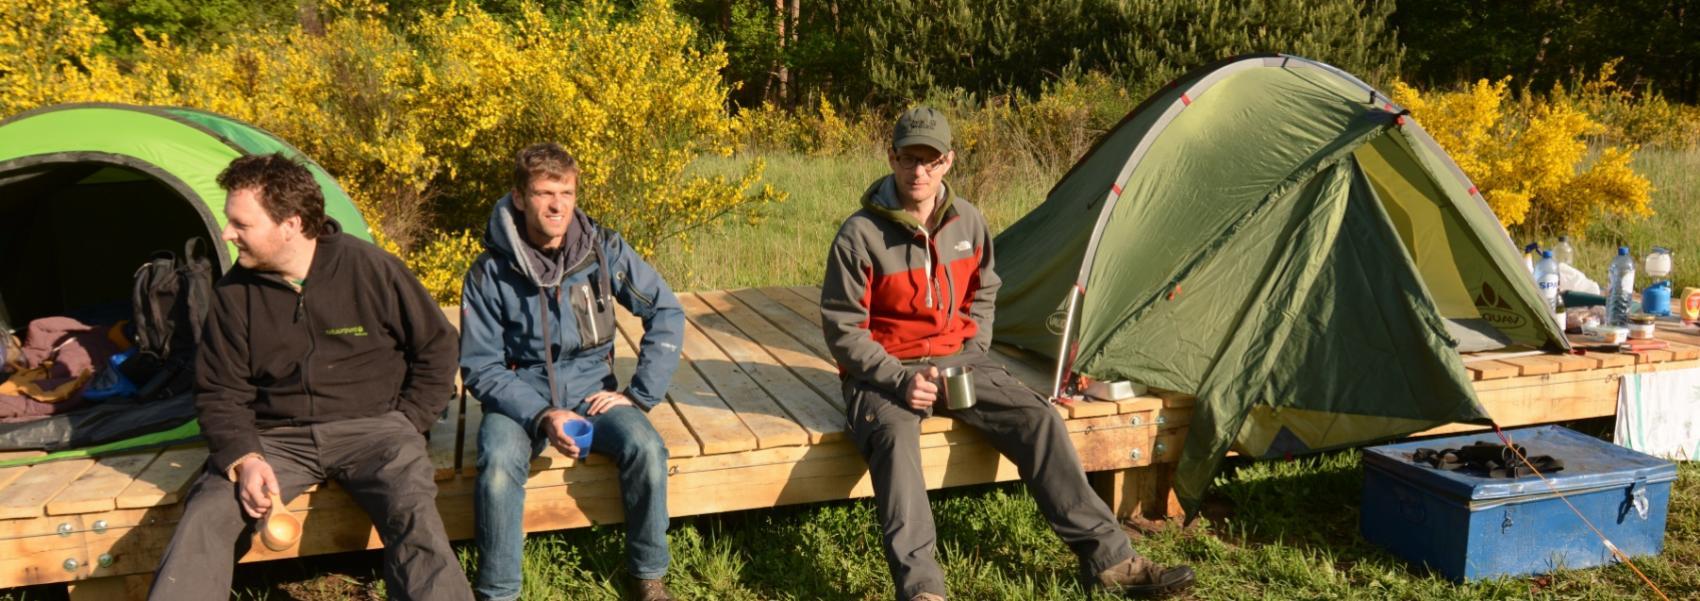 drie mannen in de bivakzone